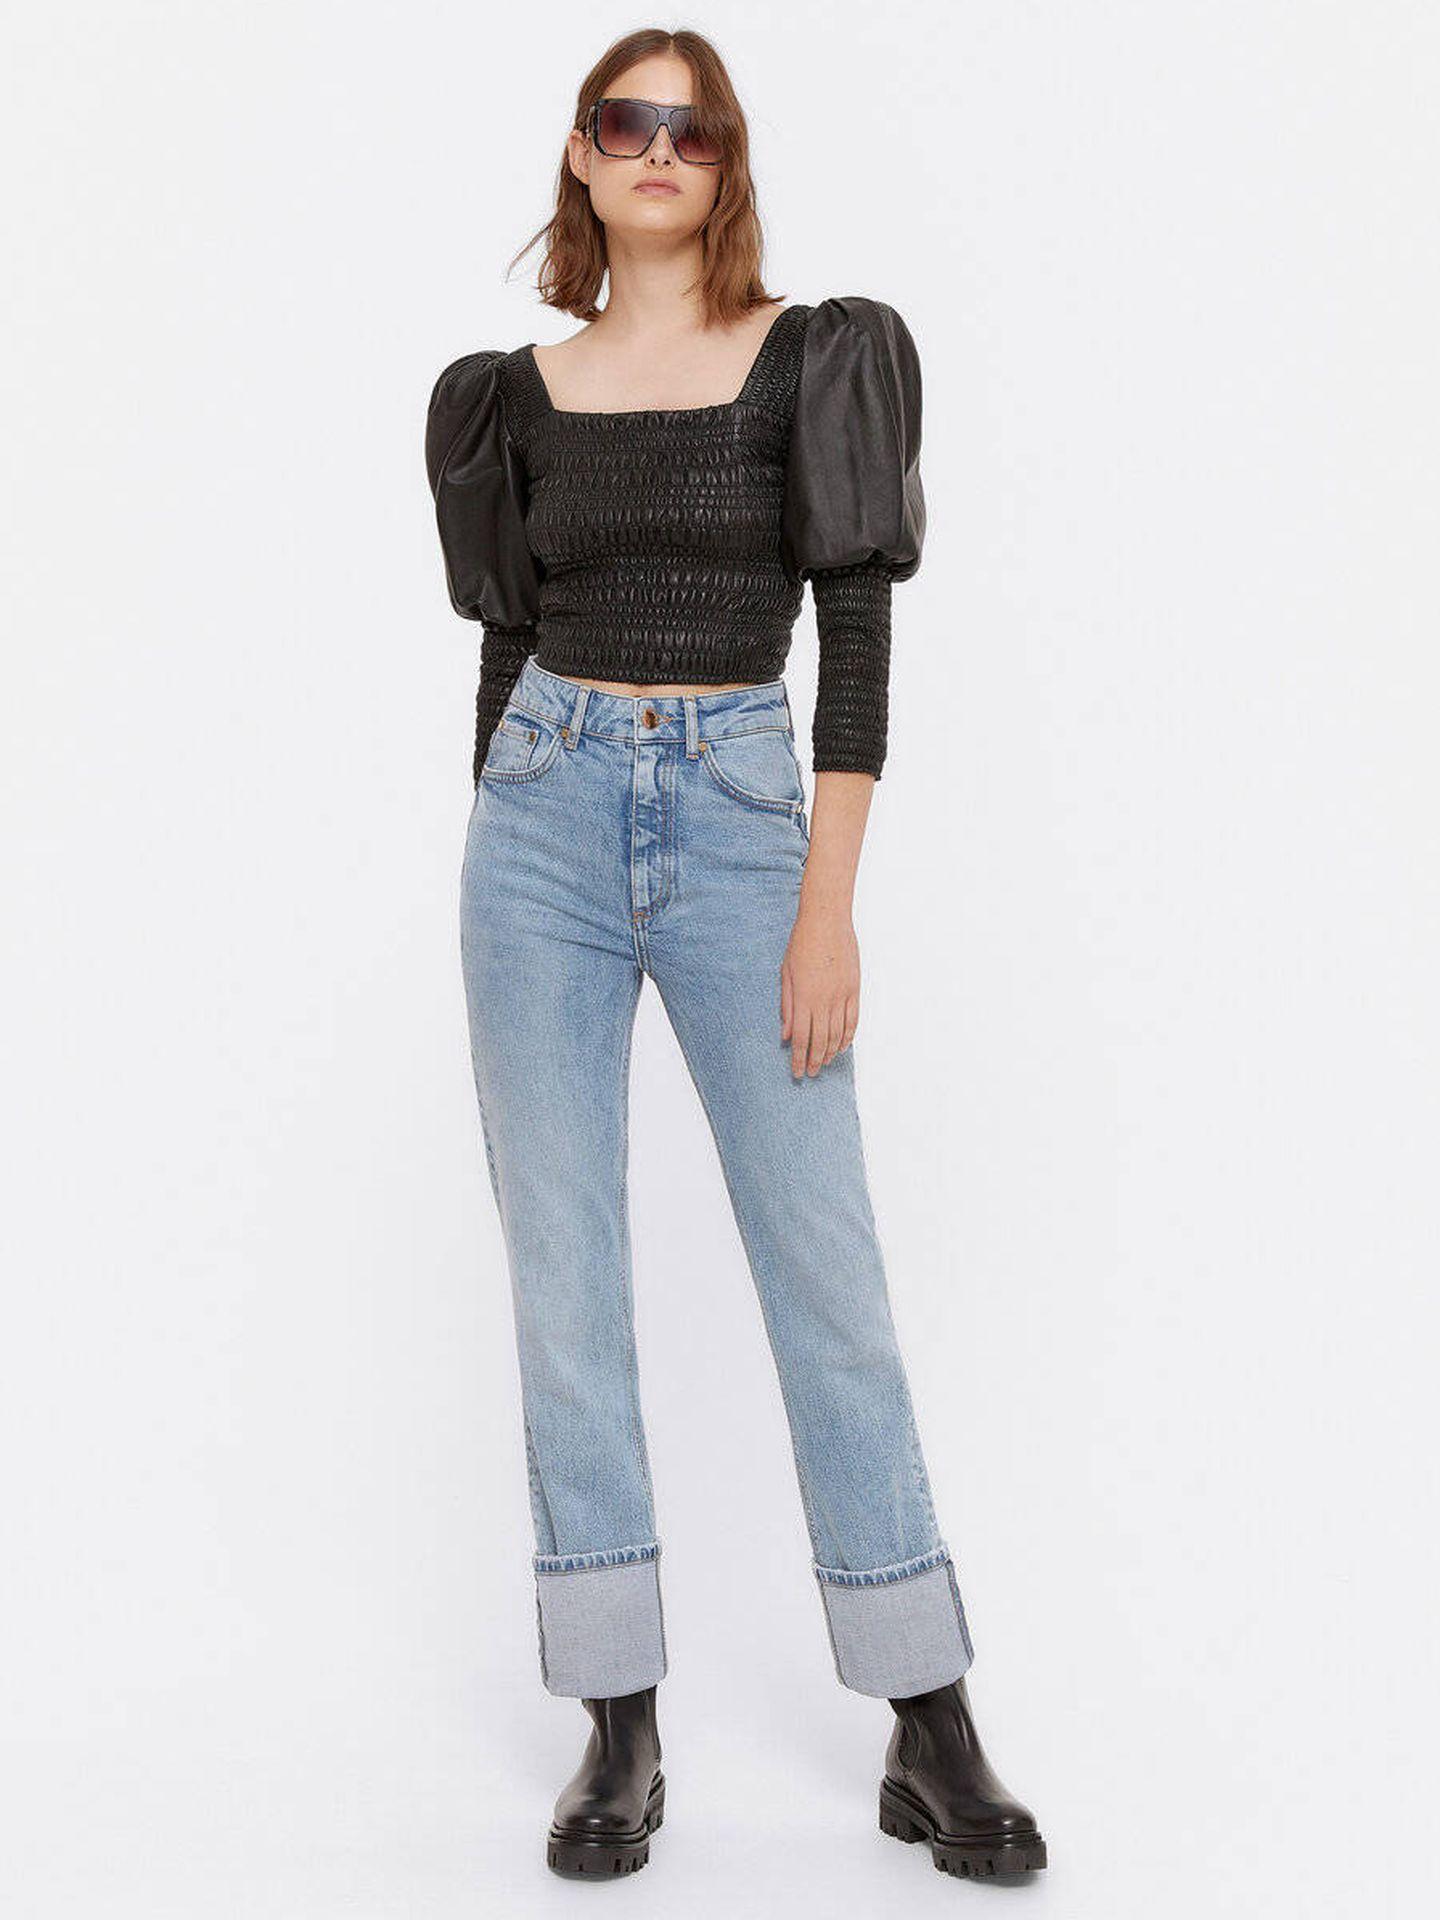 Los jeans de Uterqüe. (Cortesía)